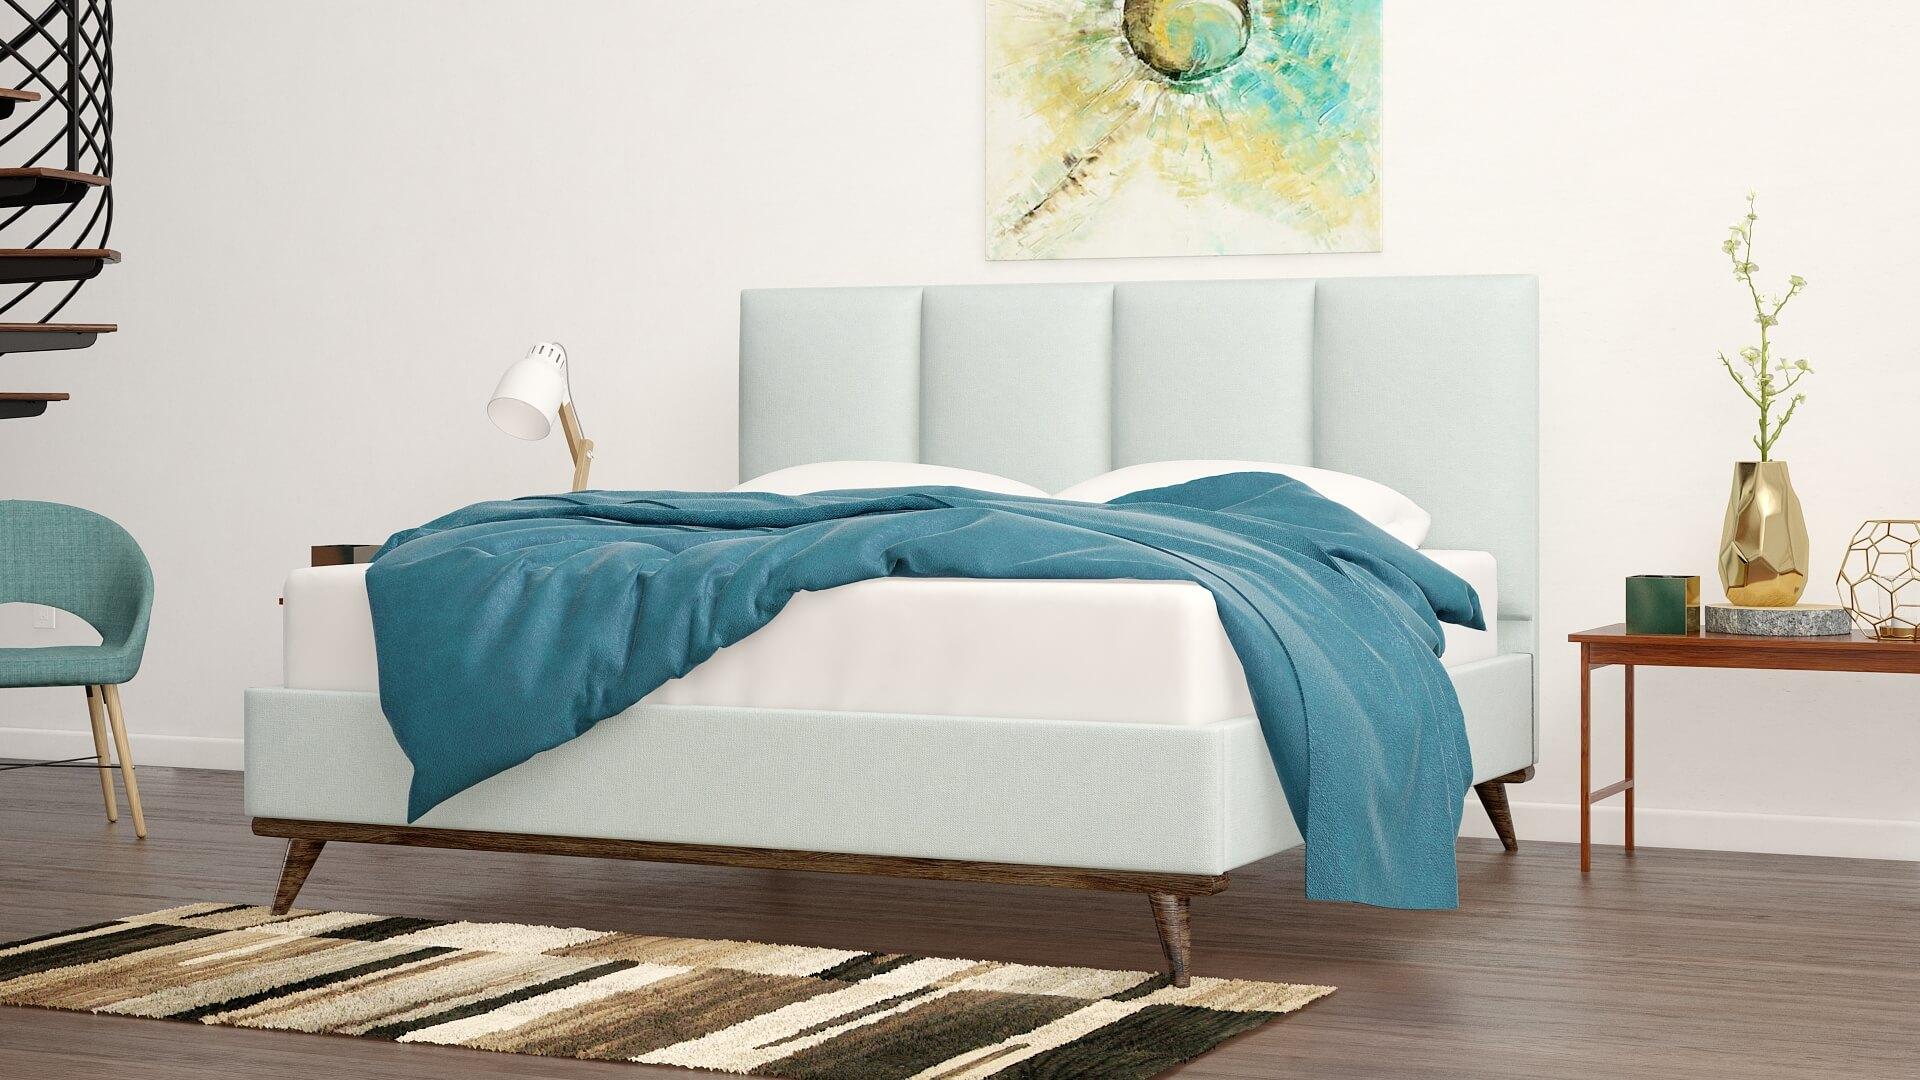 celine bed furniture gallery 2